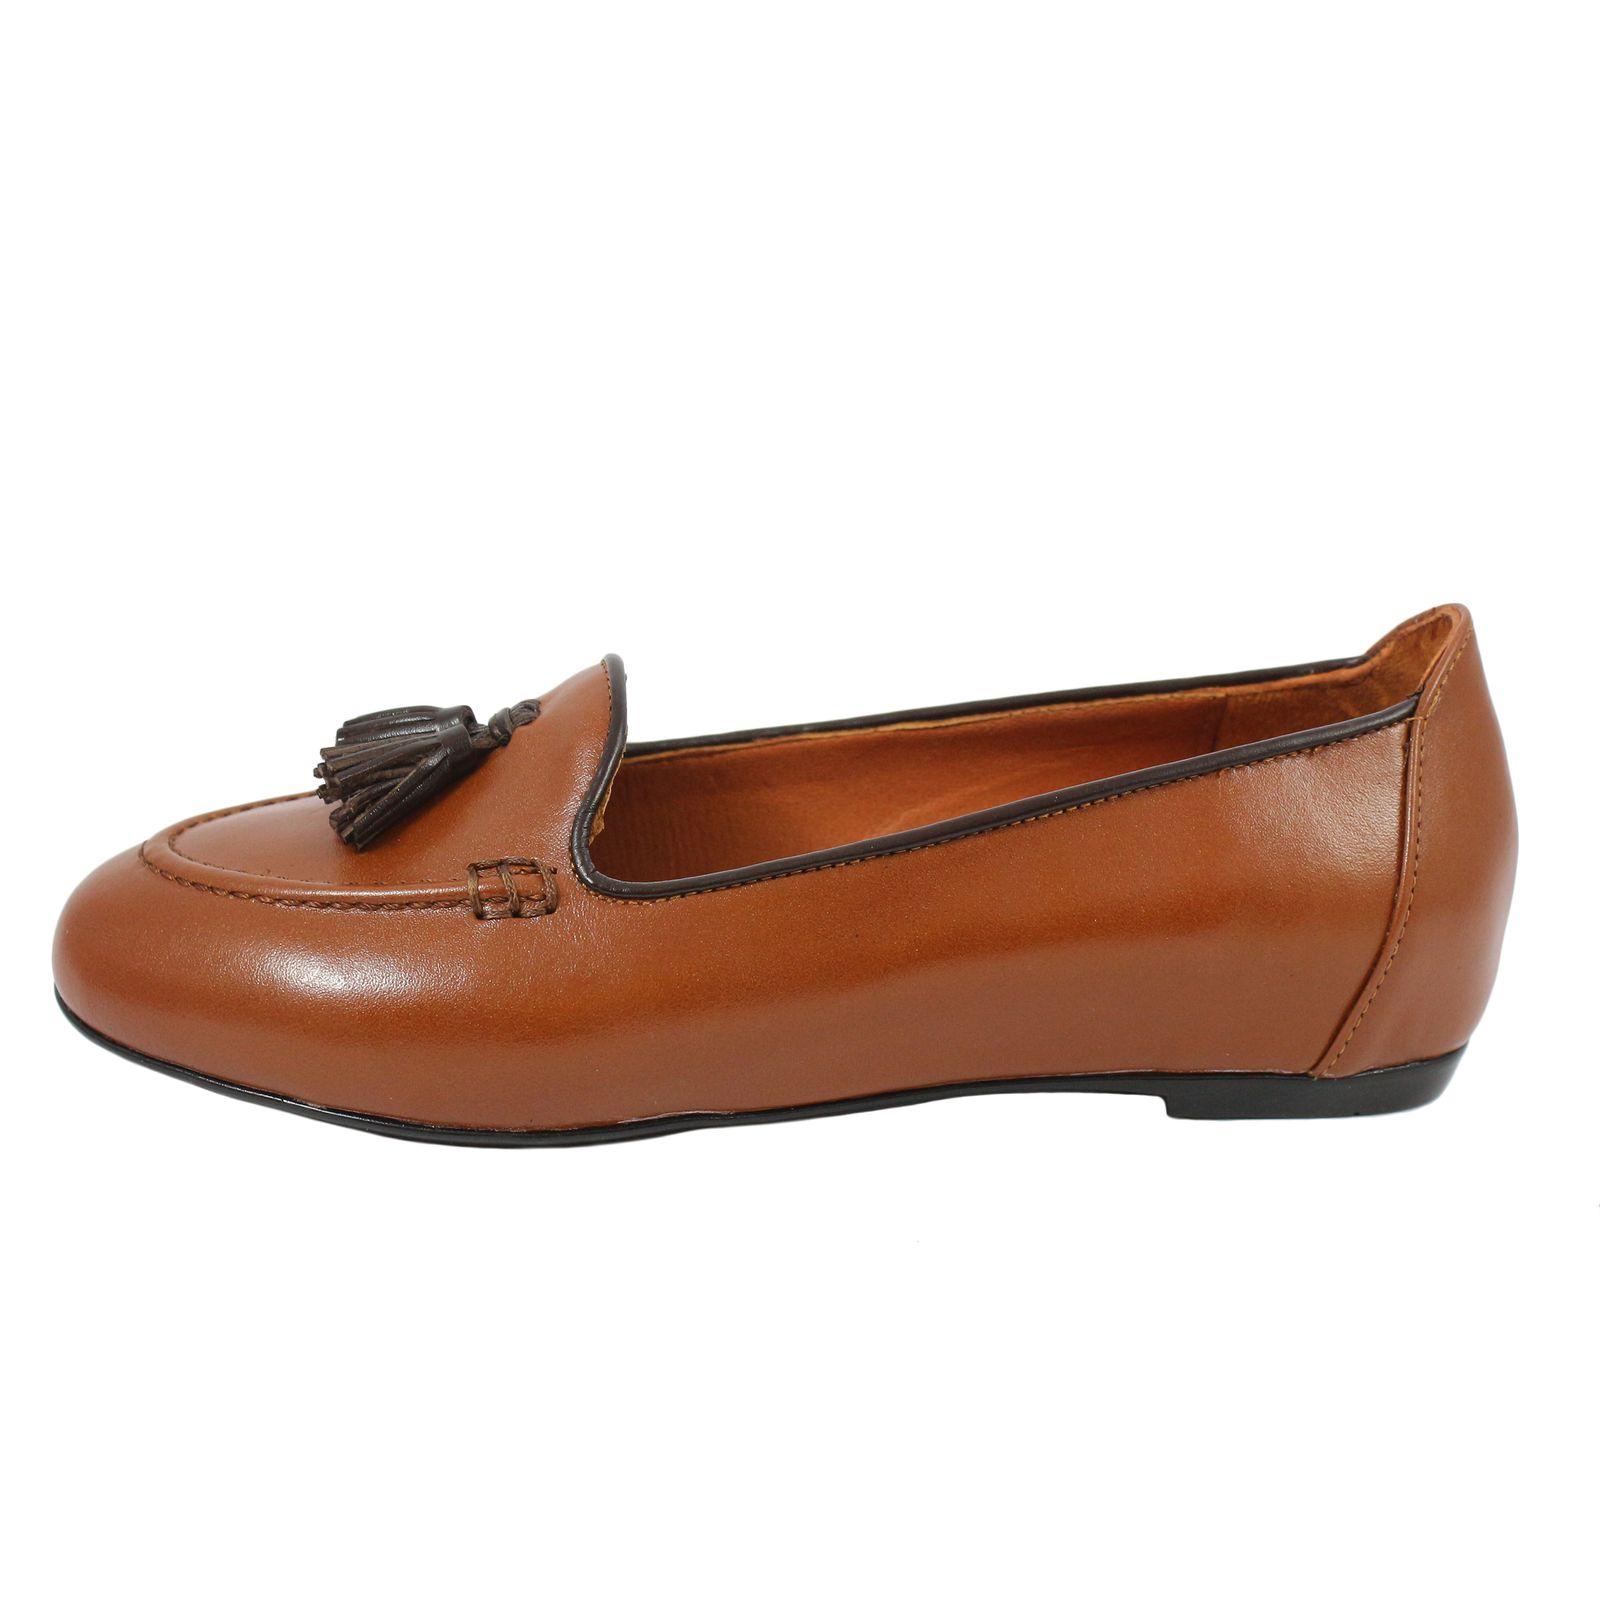 کفش زنانه ریگاردو مدل وستا -  - 2